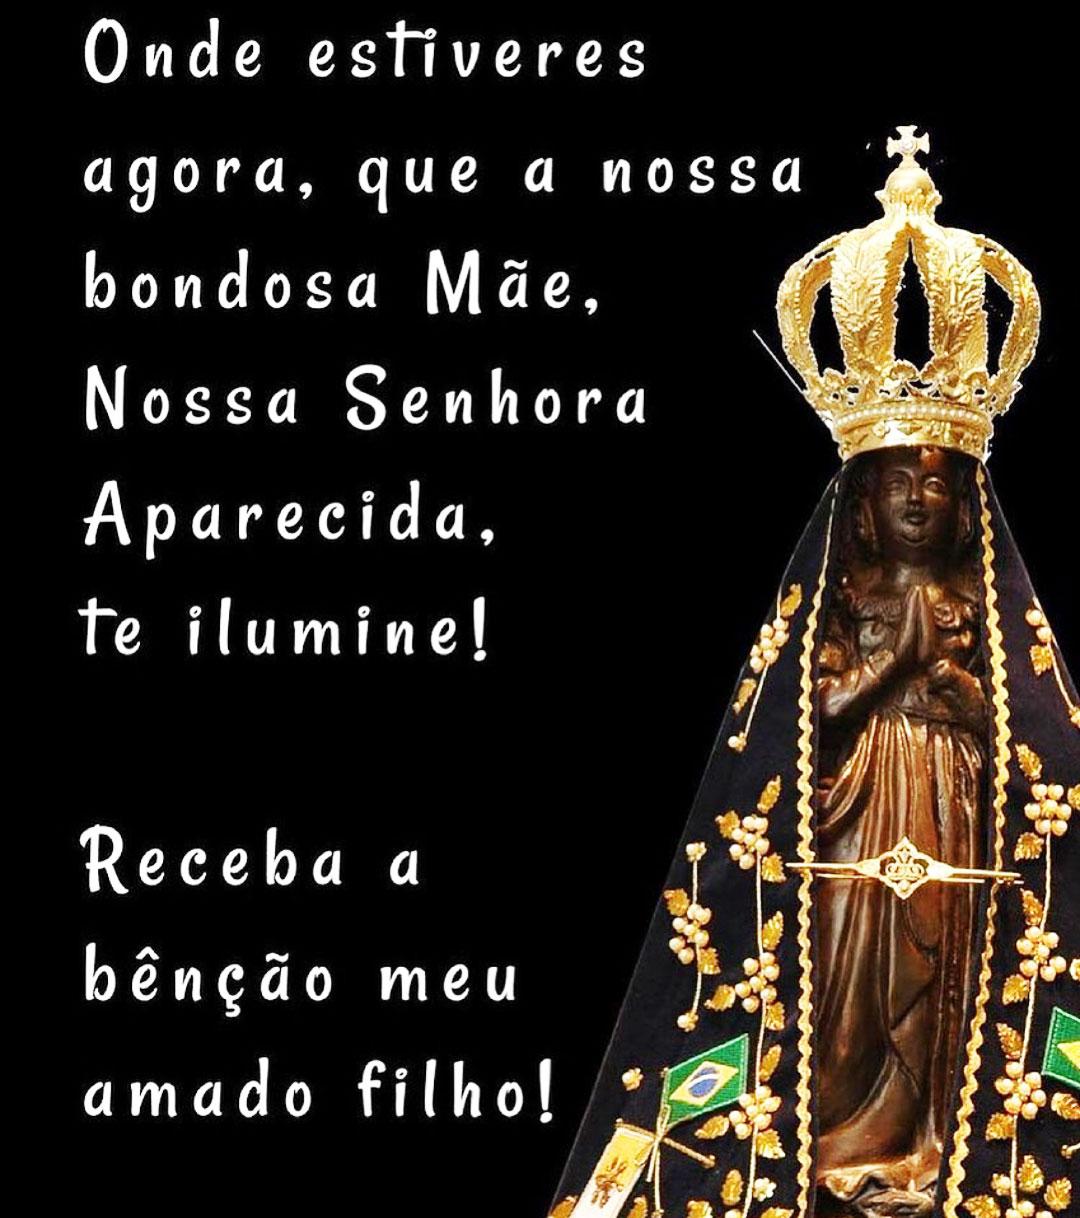 Nossa Senhora Aparecida de Ilumine